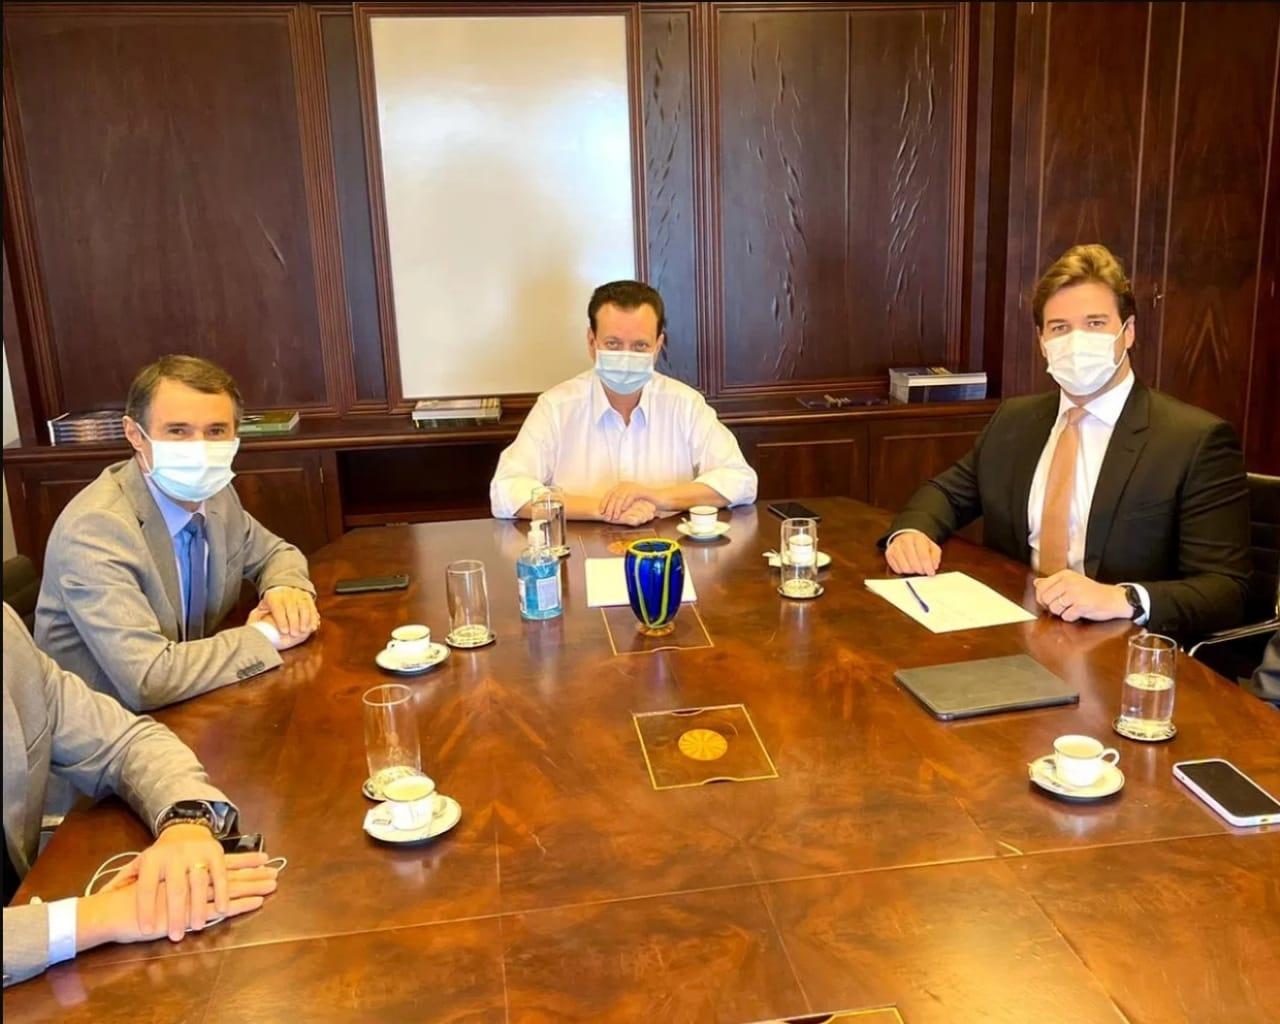 WhatsApp Image 2021 06 01 at 13.59.06 1 - POLÍTICA E PANDEMIA: com Romero e Tovar, Bruno Cunha Lima participa de reunião com Kassab e tem agenda em ministérios em Brasília